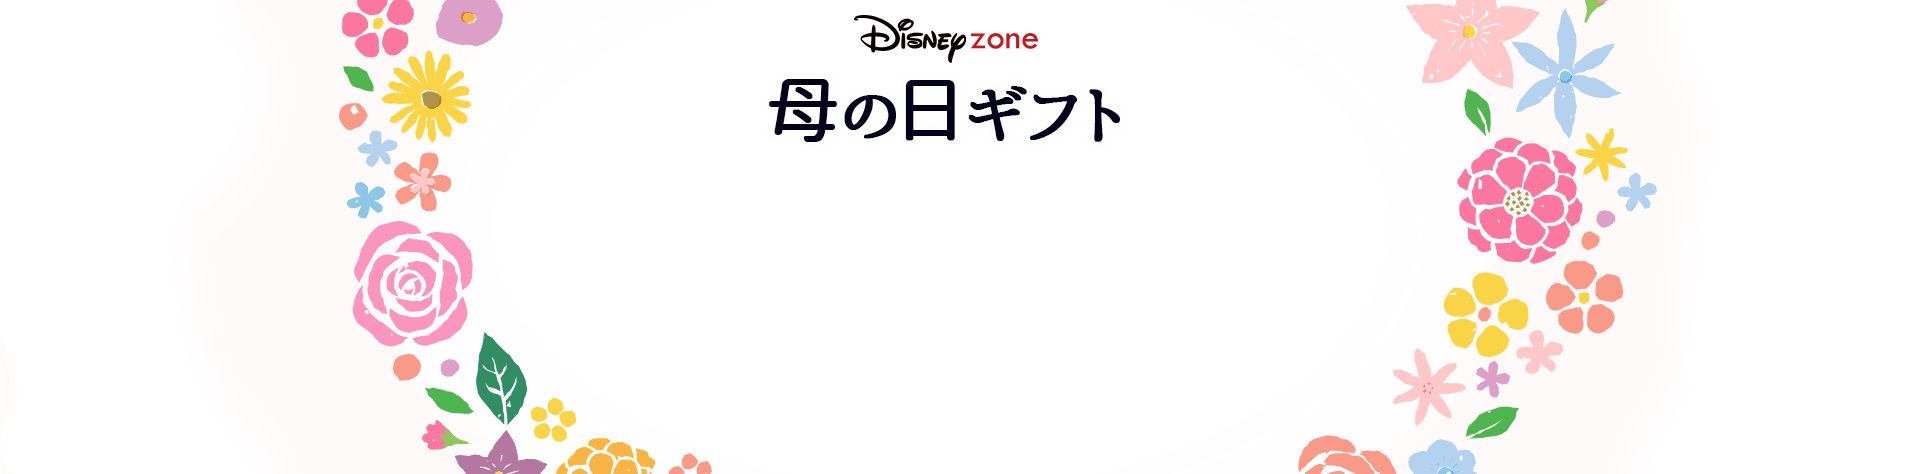 ディズニー 母の日ギフト